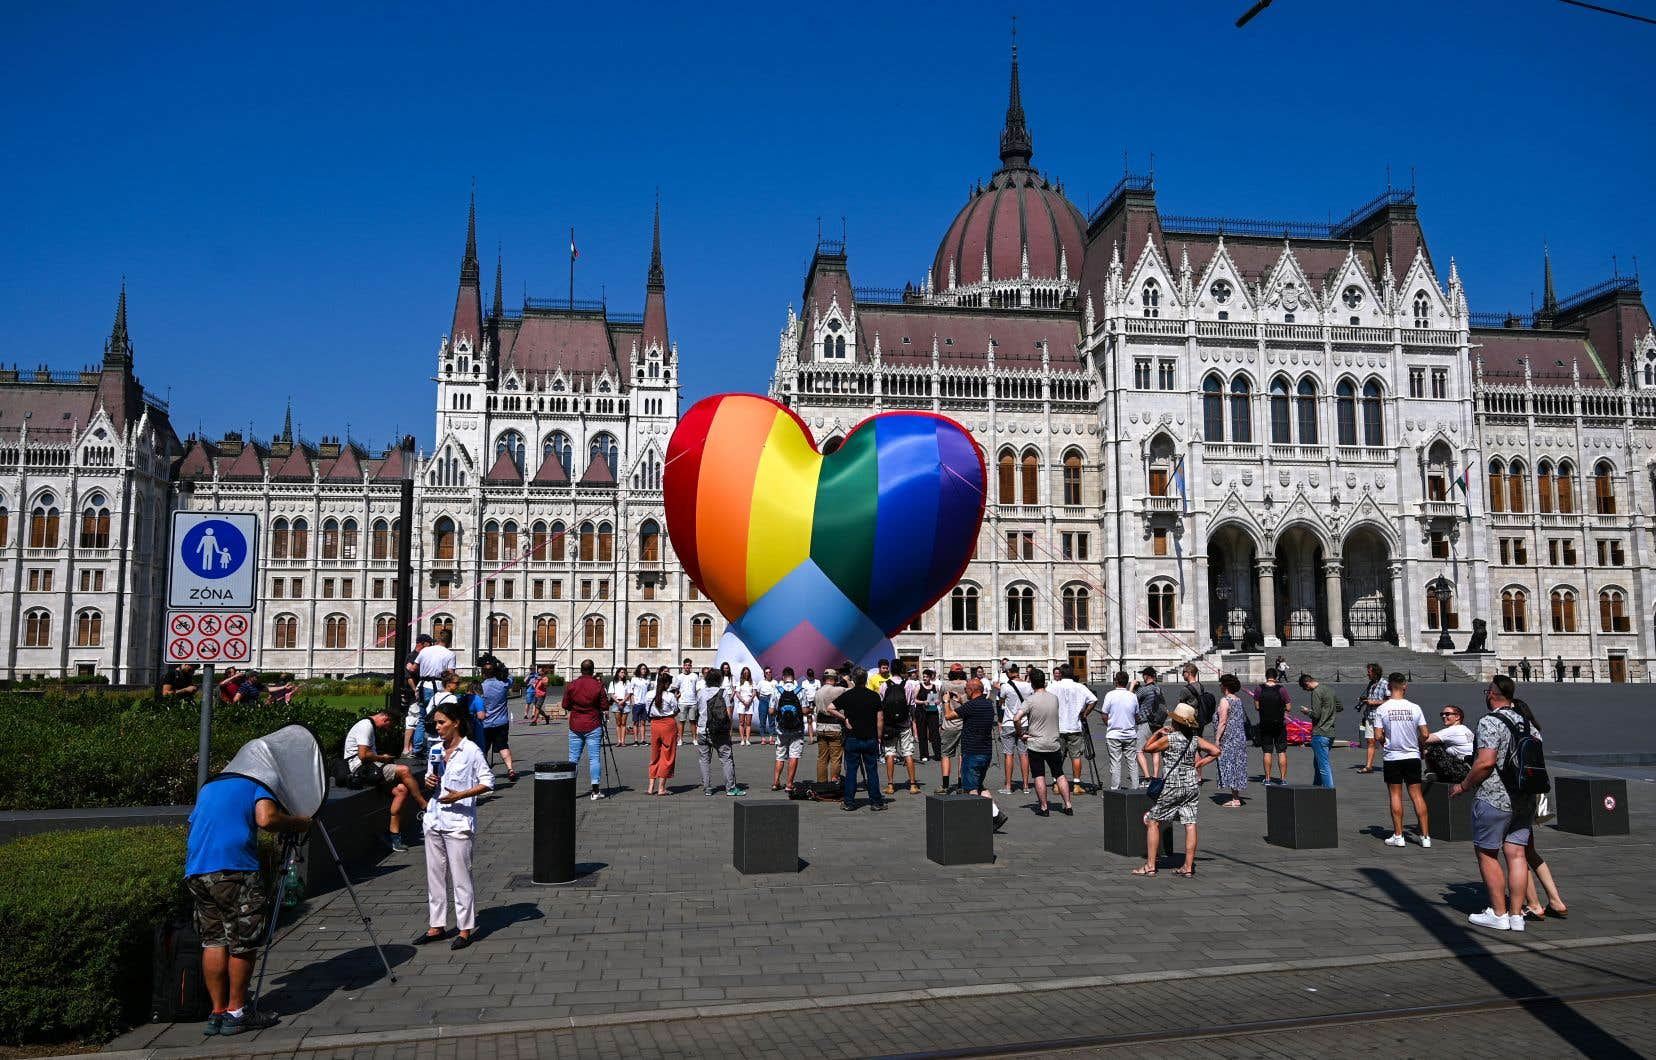 Des organisations de la société civile ont déployé un immense cœur arc-en-ciel devant le Parlement de Budapest en guise de protestation.